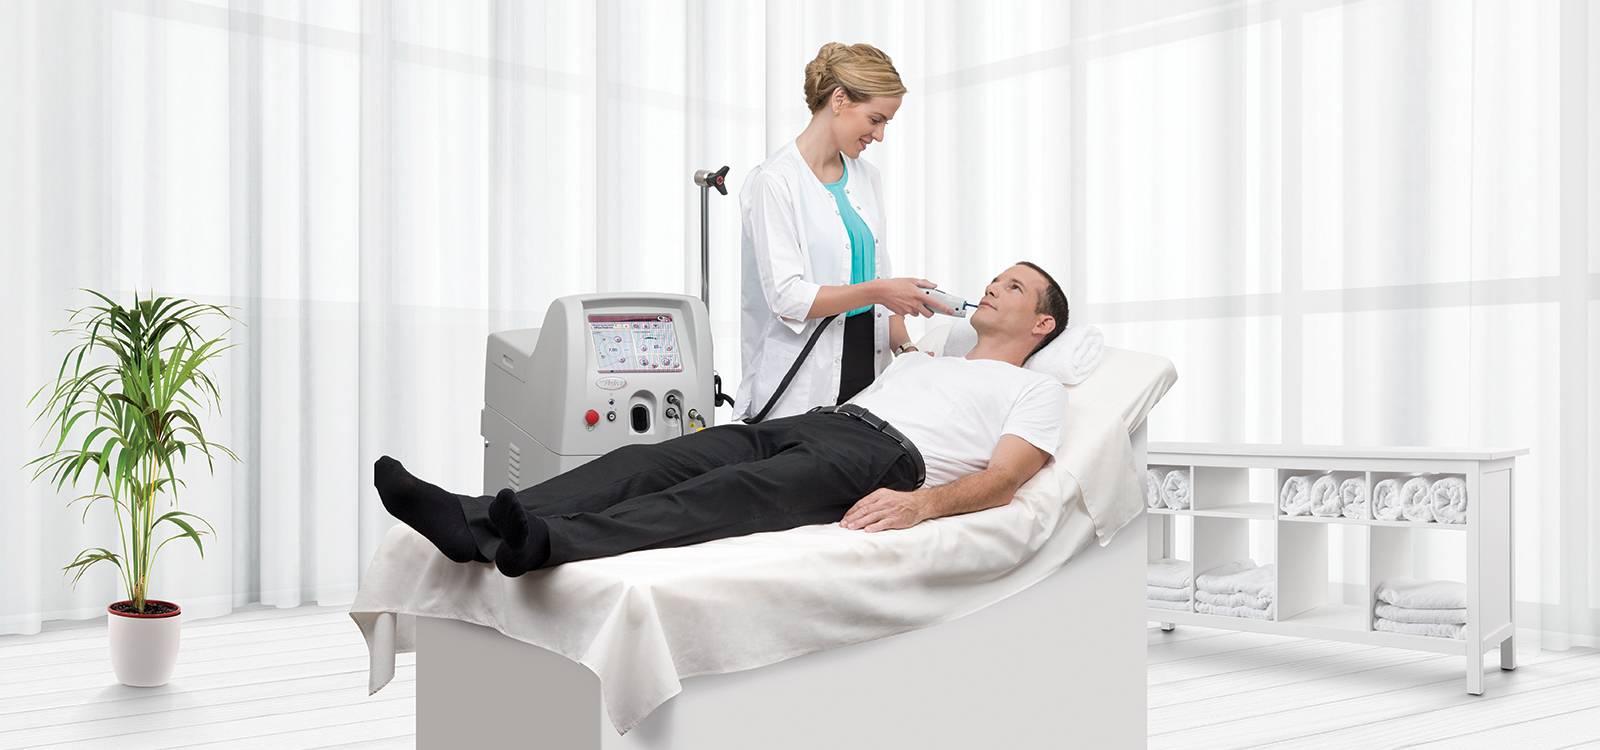 Выбираете, хотите купить лазер для медицинского центра? лазерное оборудование fotona - лучший выбор!эффективные и безопасные процедуры в эстетике и гинекологии. всесезонное применение. быстрый возрат вложений для инвесторов.